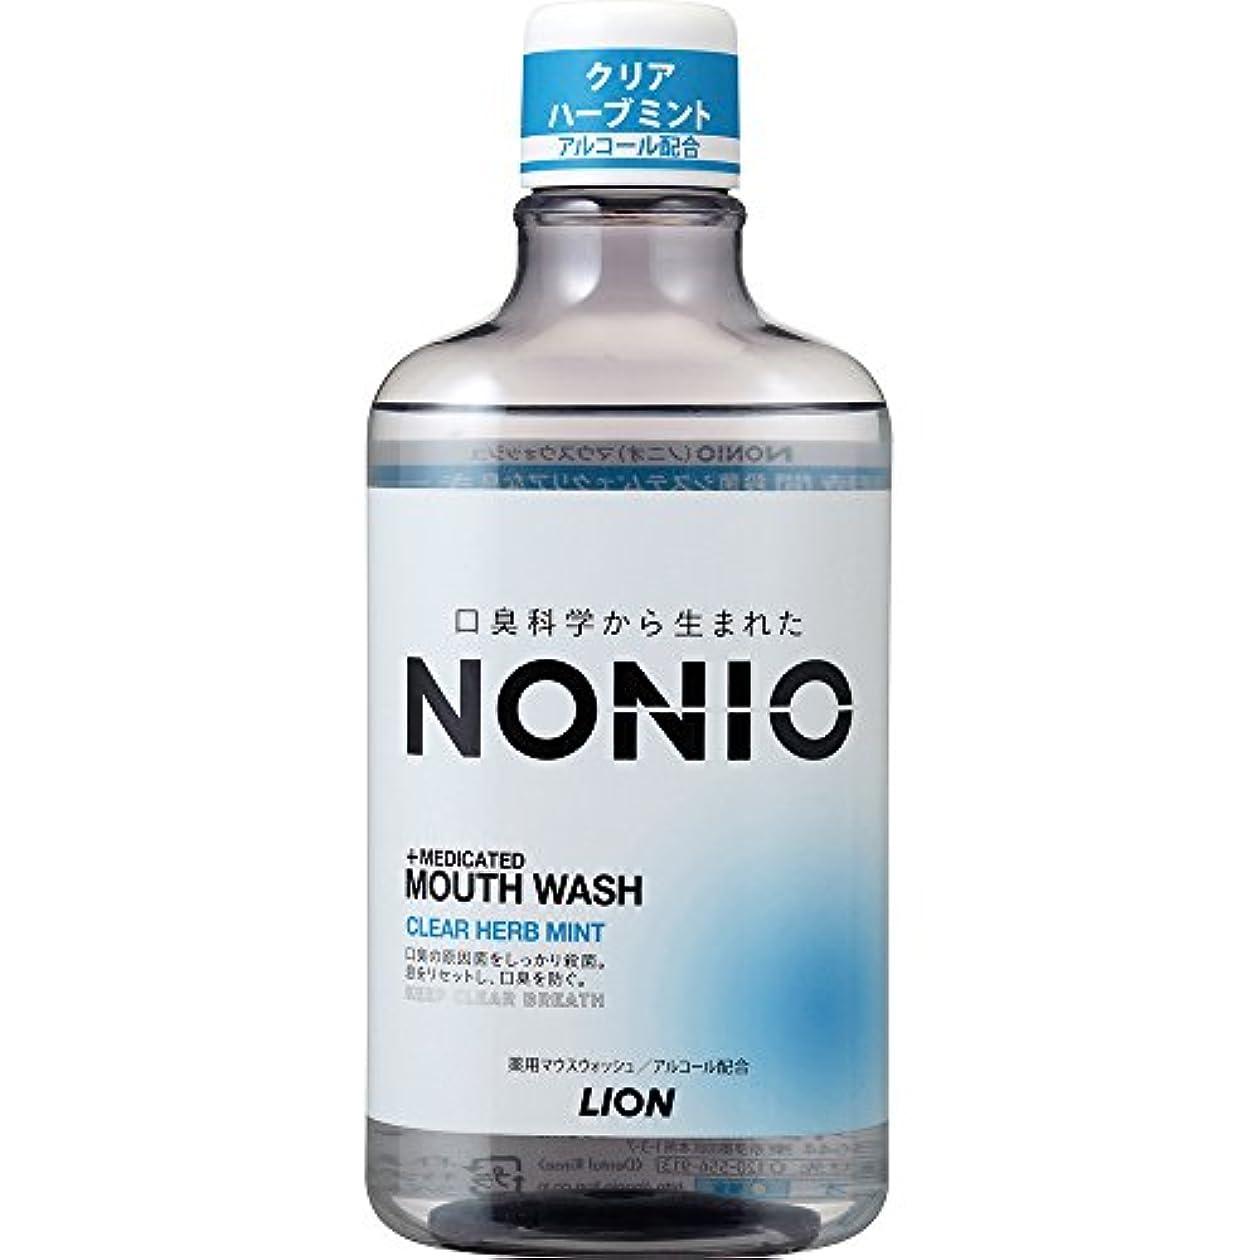 対象本気オーロック[医薬部外品]NONIO マウスウォッシュ クリアハーブミント 600ml 洗口液